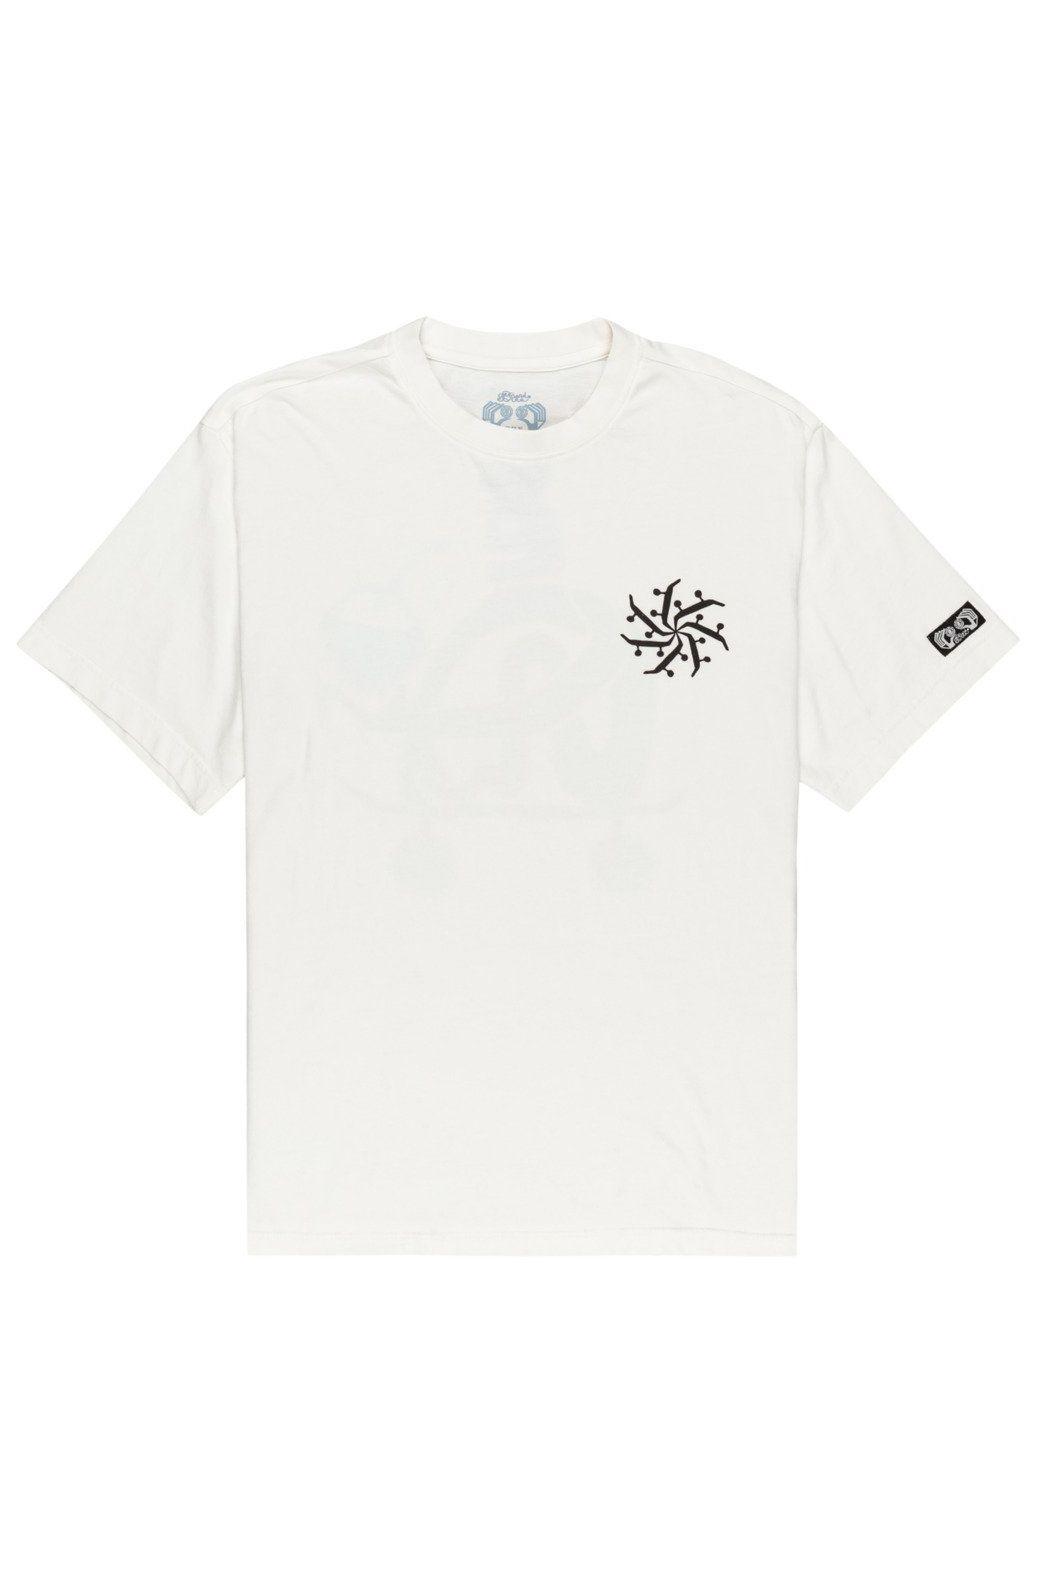 T-Shirt Element AFTER SKATE SS FERNANDO ELVIRA Off White